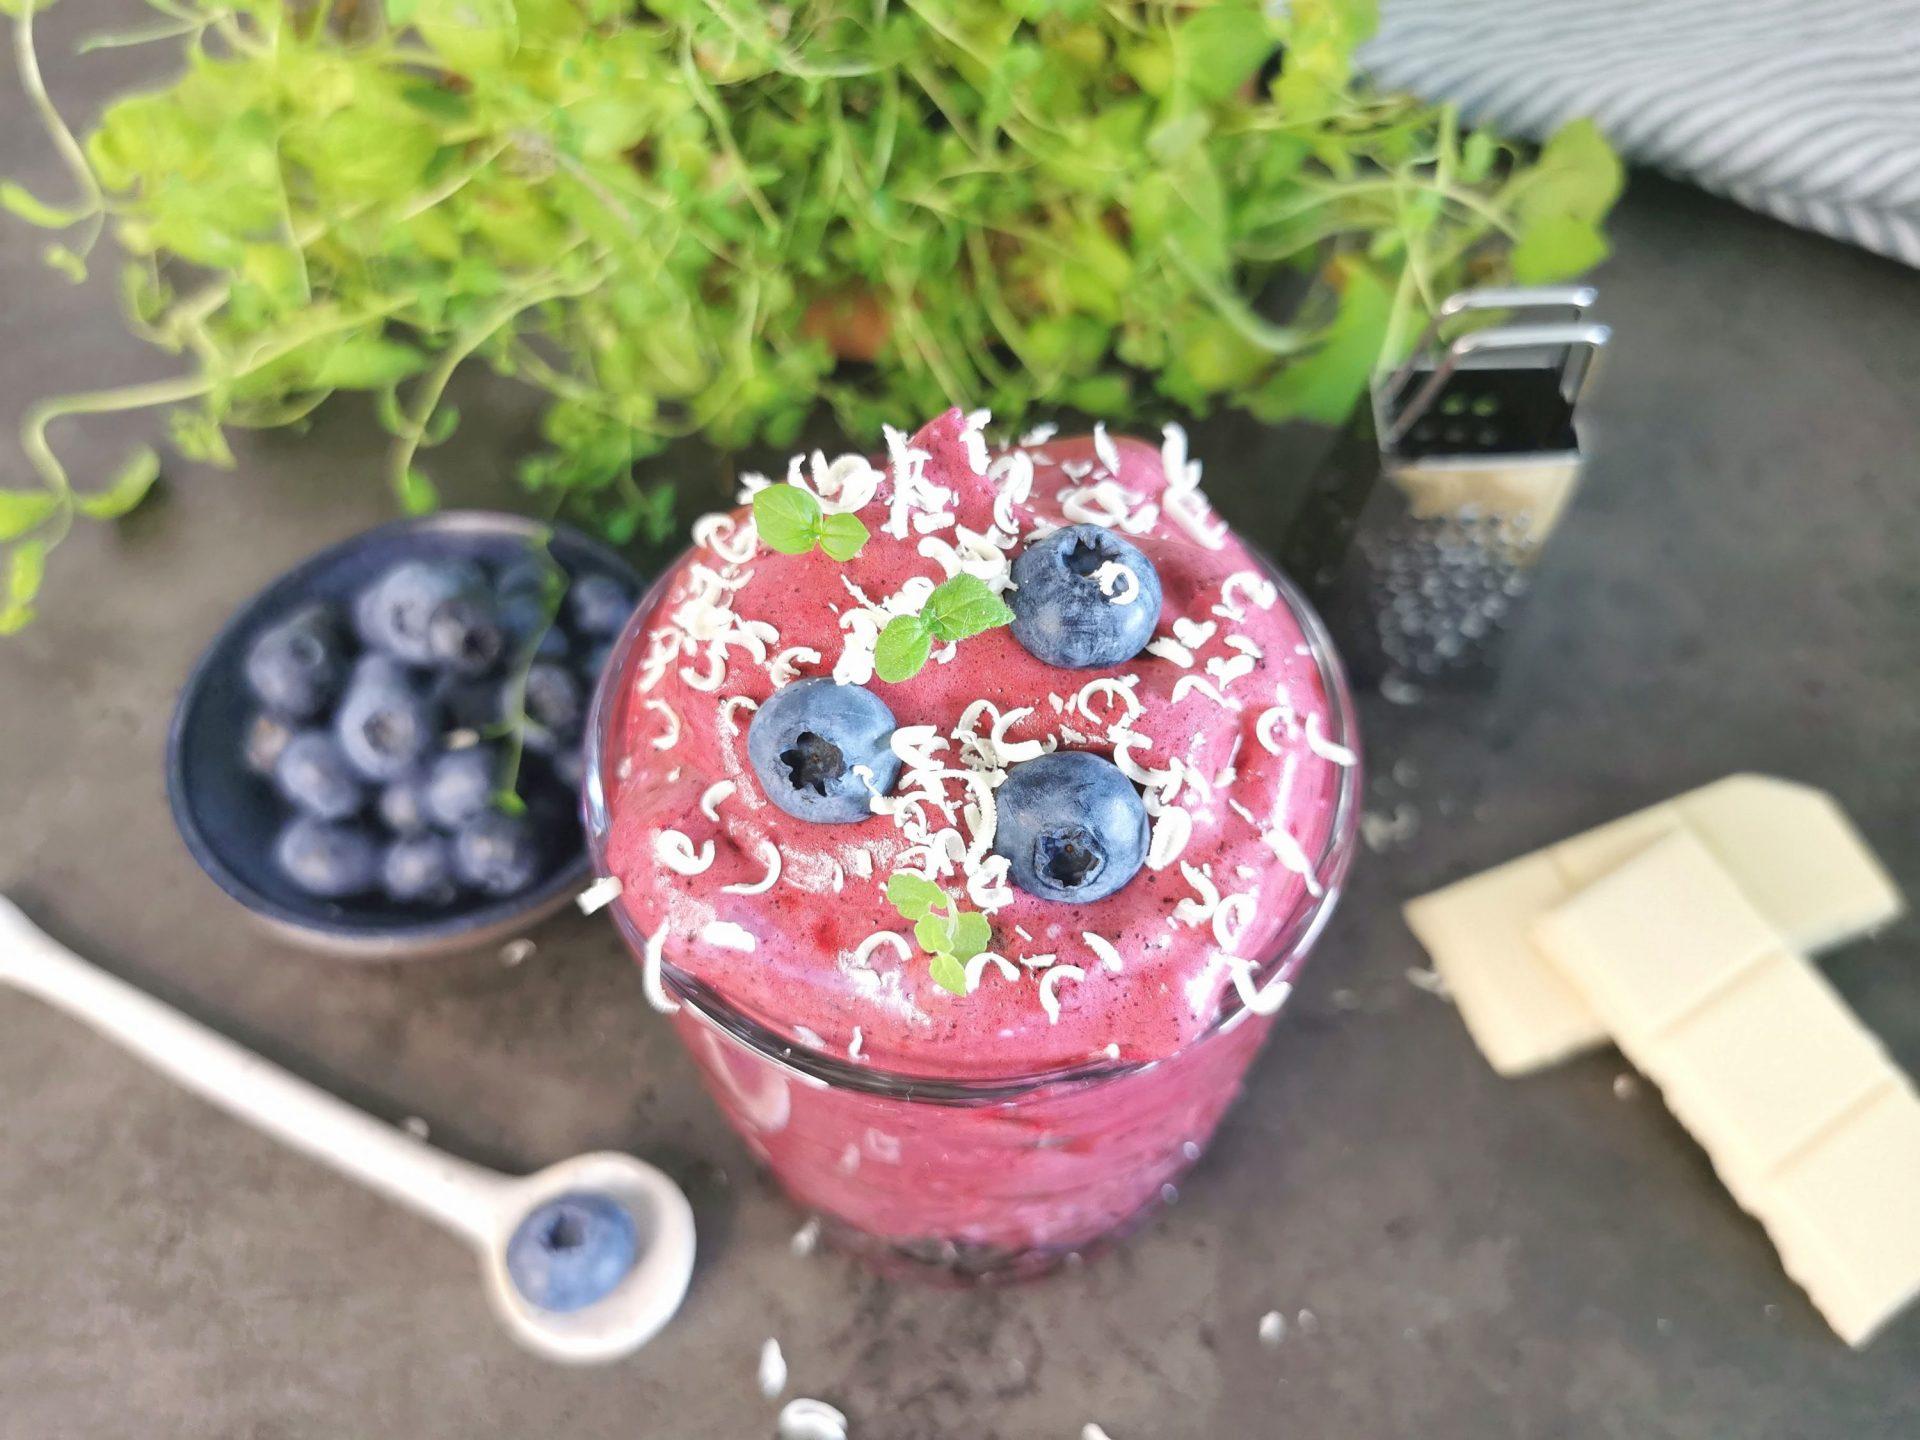 Lavkarbo trollkrem med blåbær